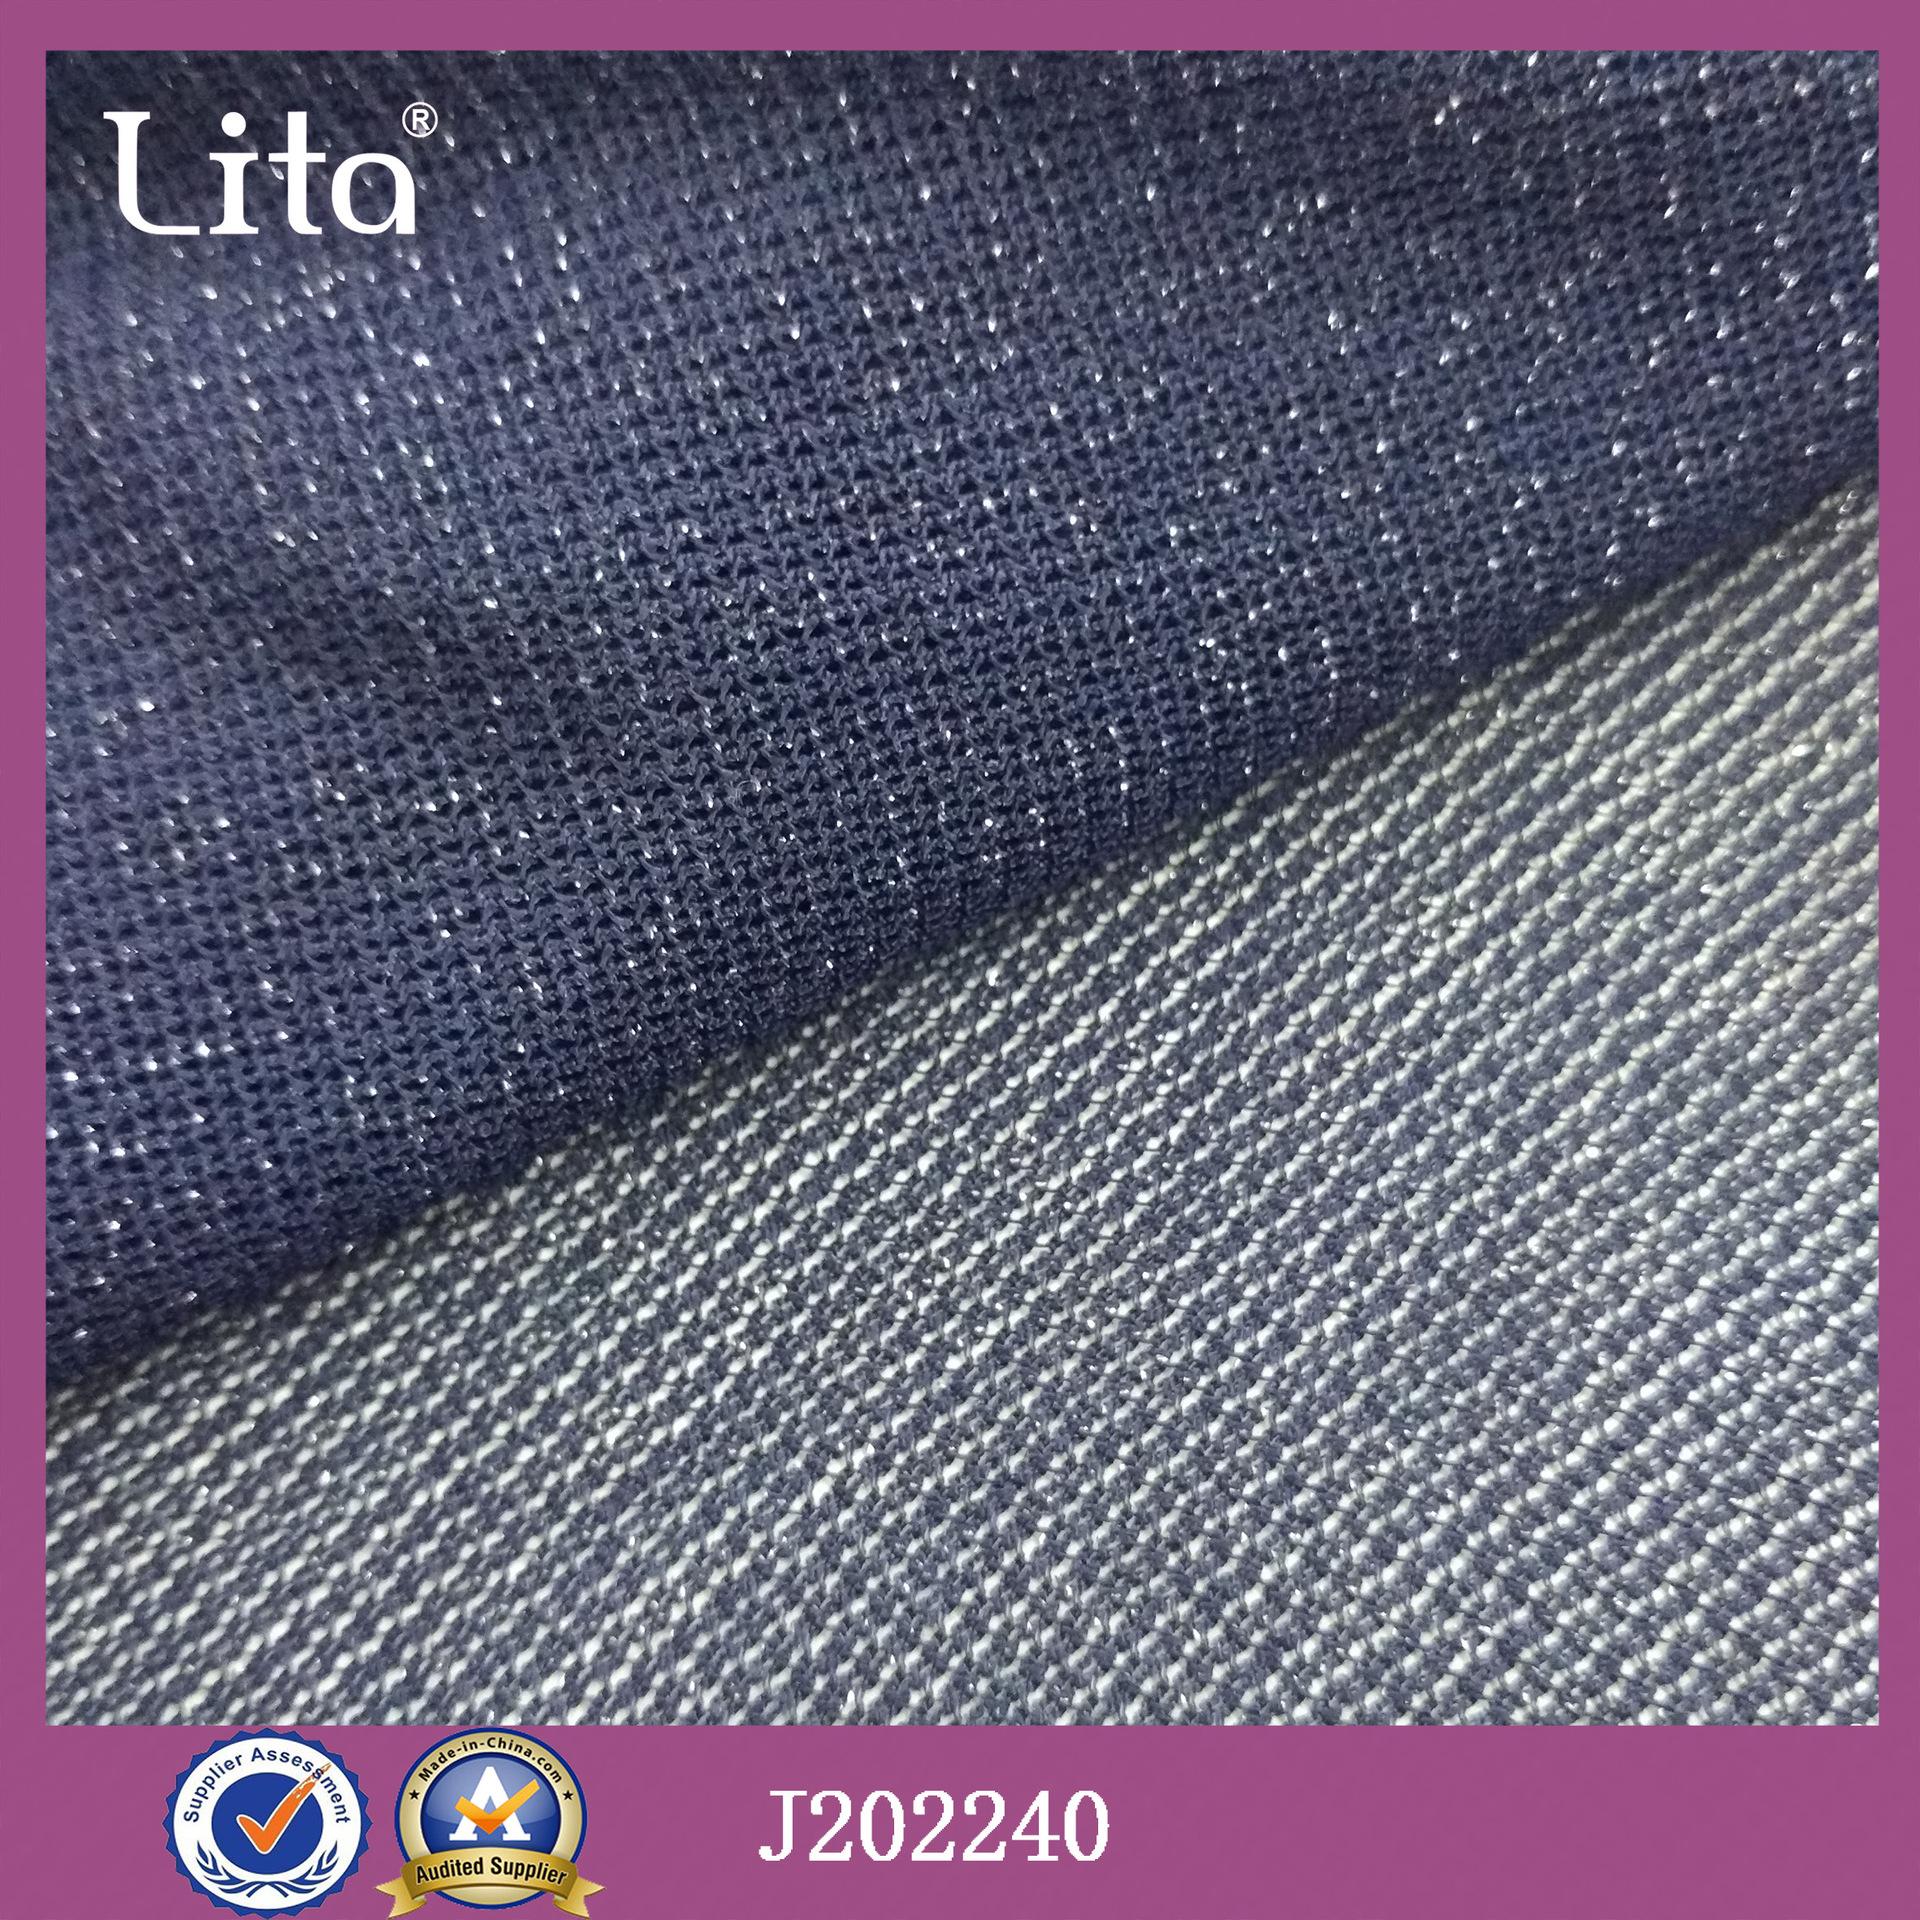 银线锦氨弹力网布 40D氨纶银线网 染色工艺适用多种用途 厂家直销